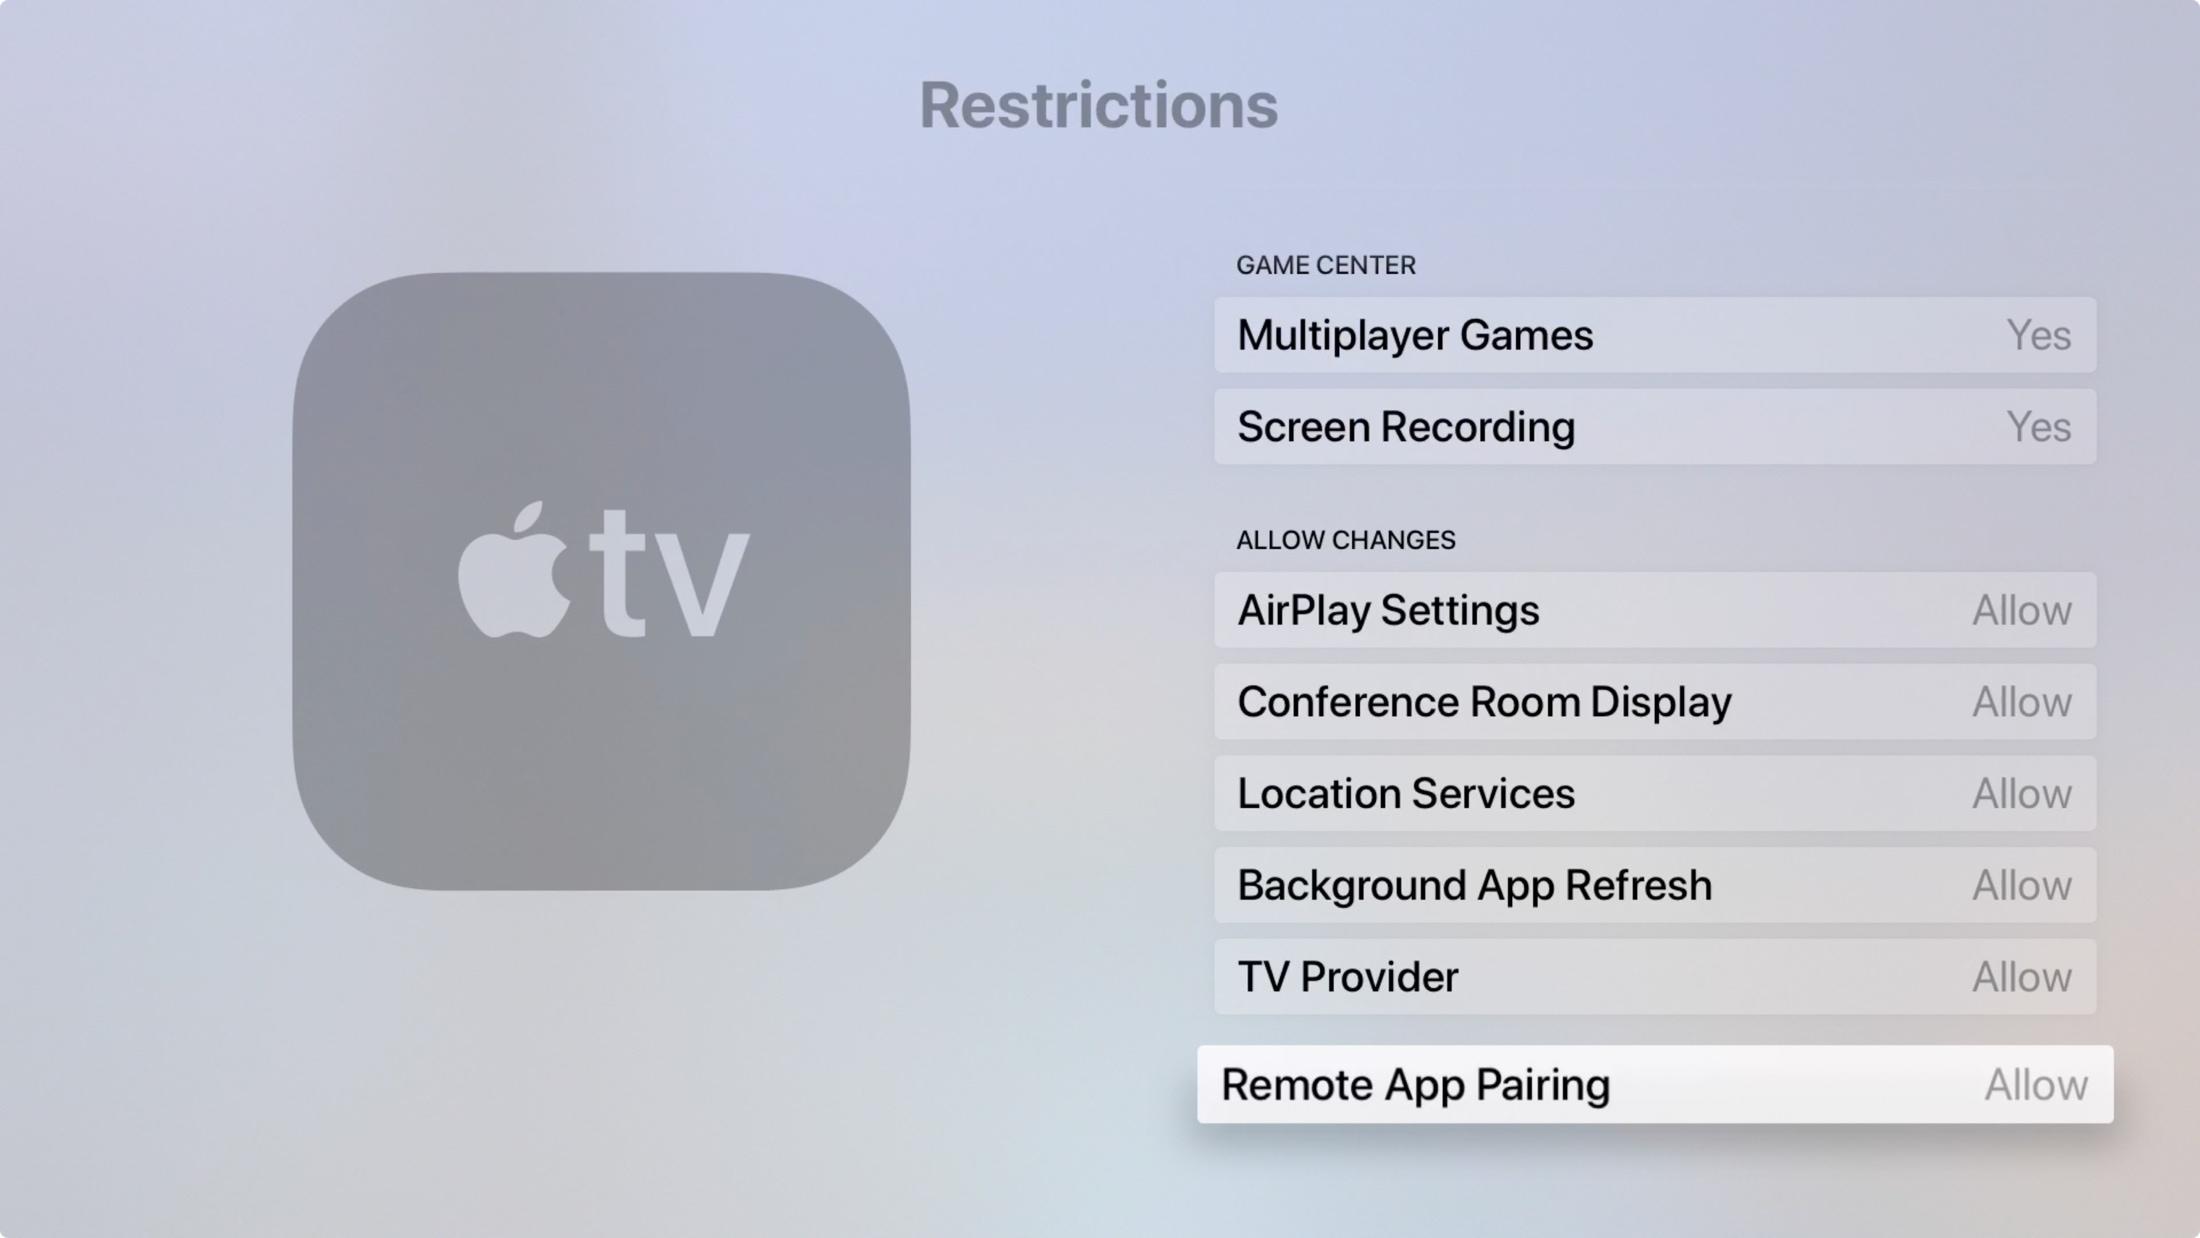 Apple    Las restricciones de TV permiten cambios